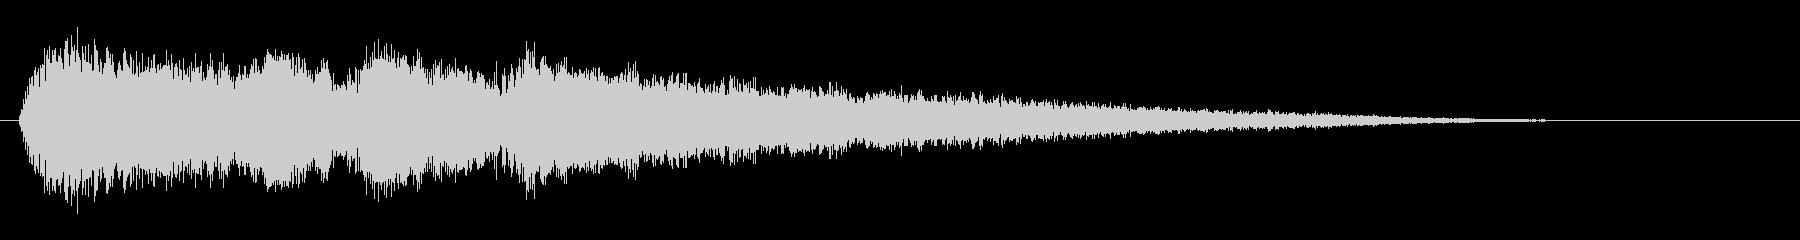 チャーンチャチャーン(セーブの音)の未再生の波形